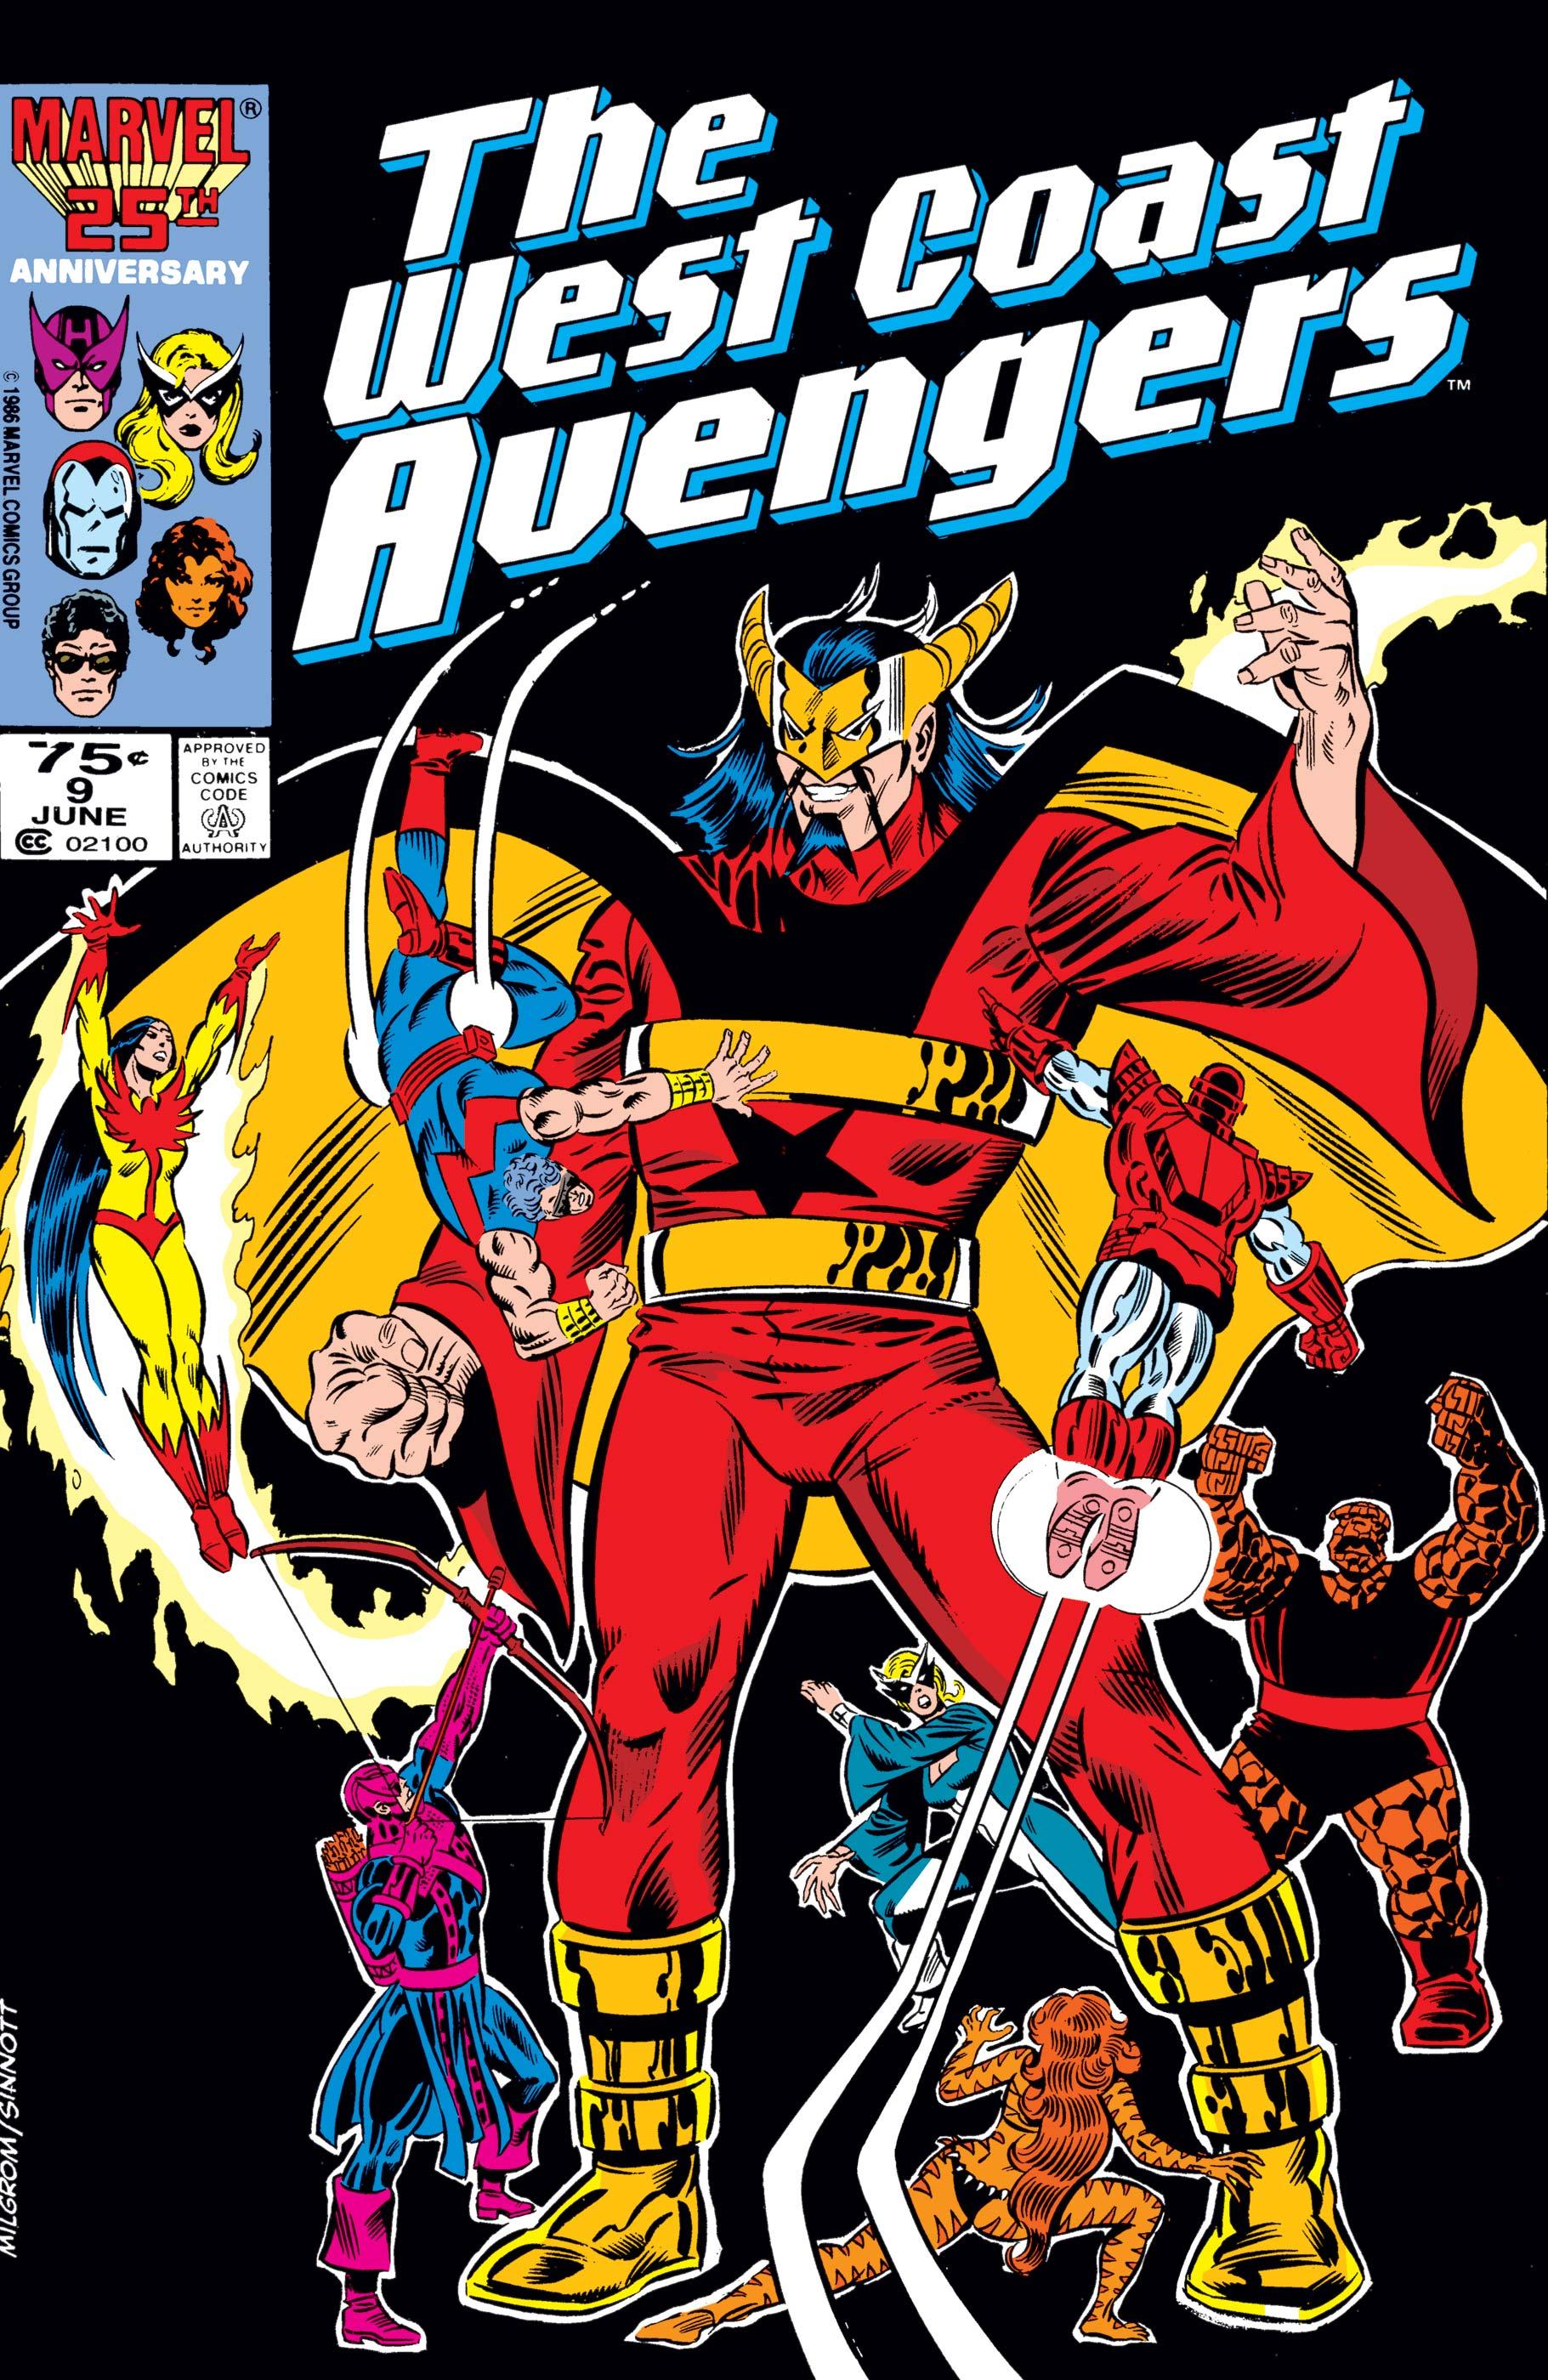 West Coast Avengers (1985) #9